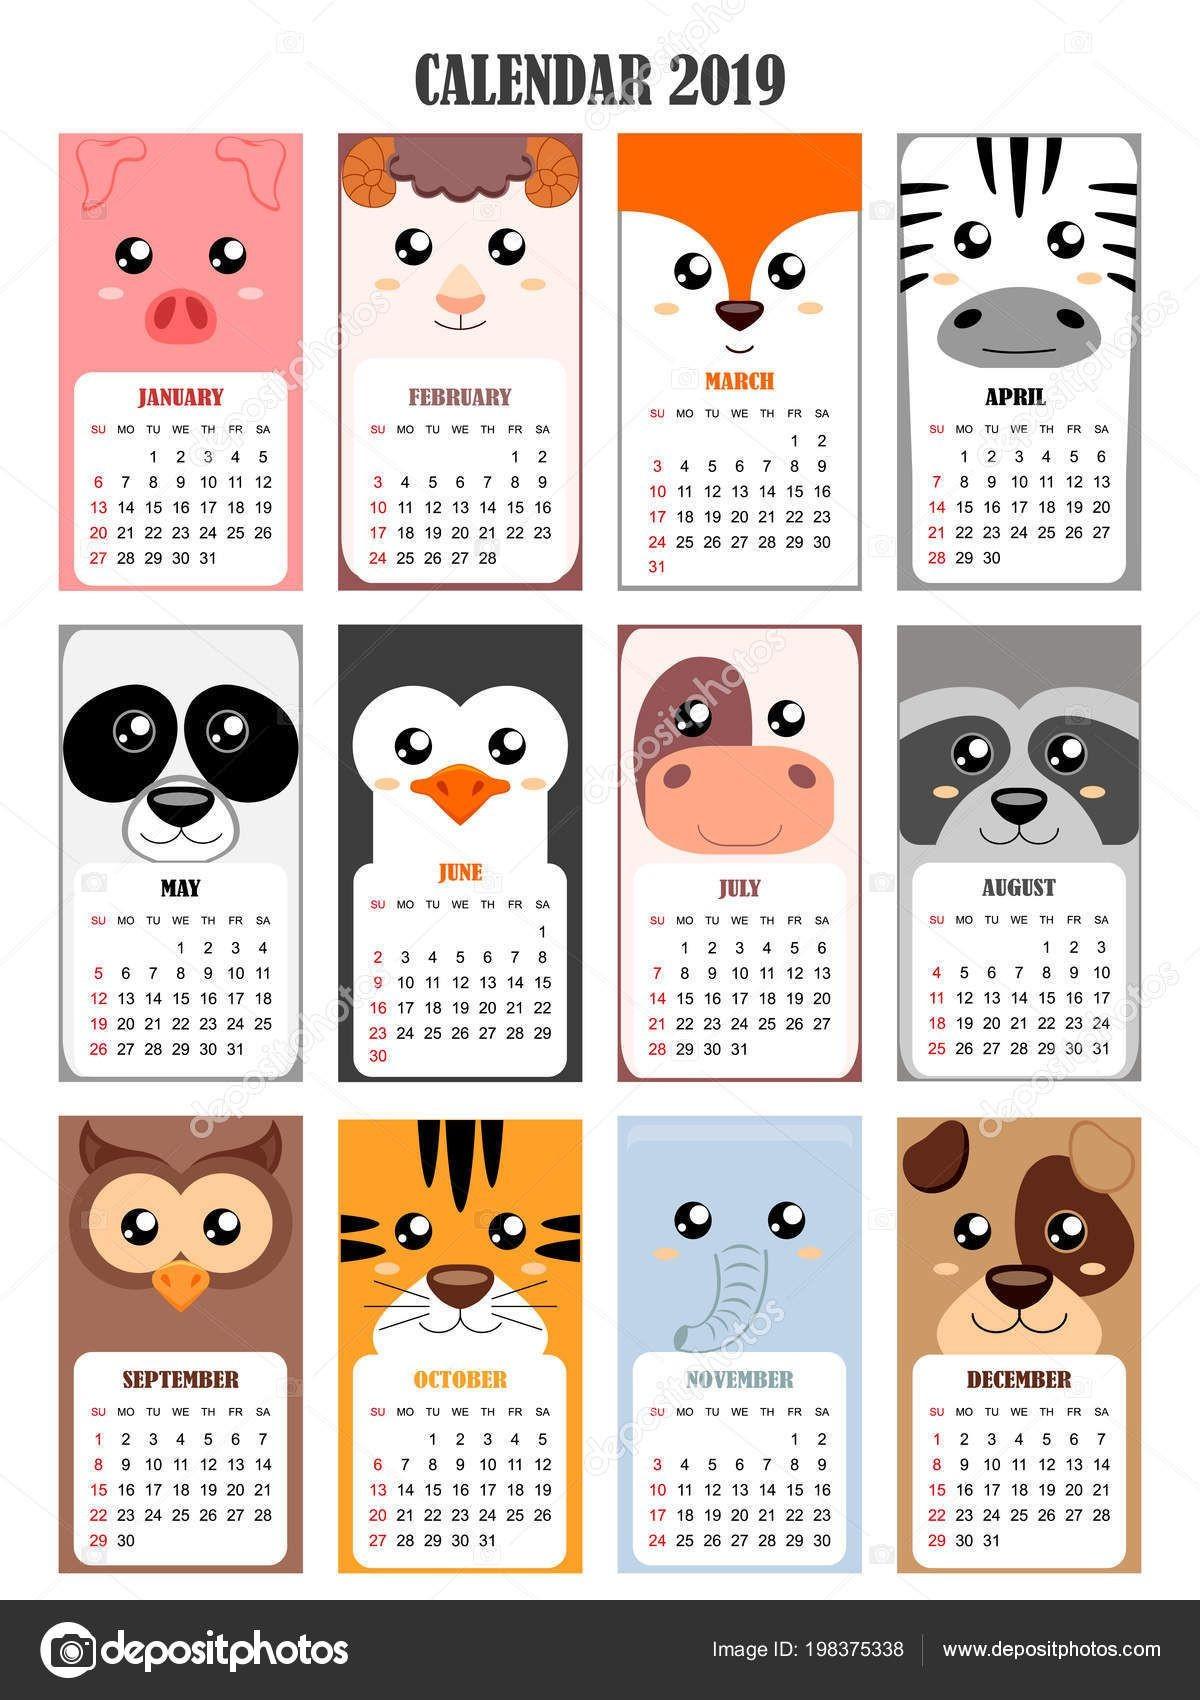 Calendario De Agosto A Dezembro 2019 Para Imprimir Más Recientes Calendarios 2019 Para Ni±os Para Descargar E Imprimir